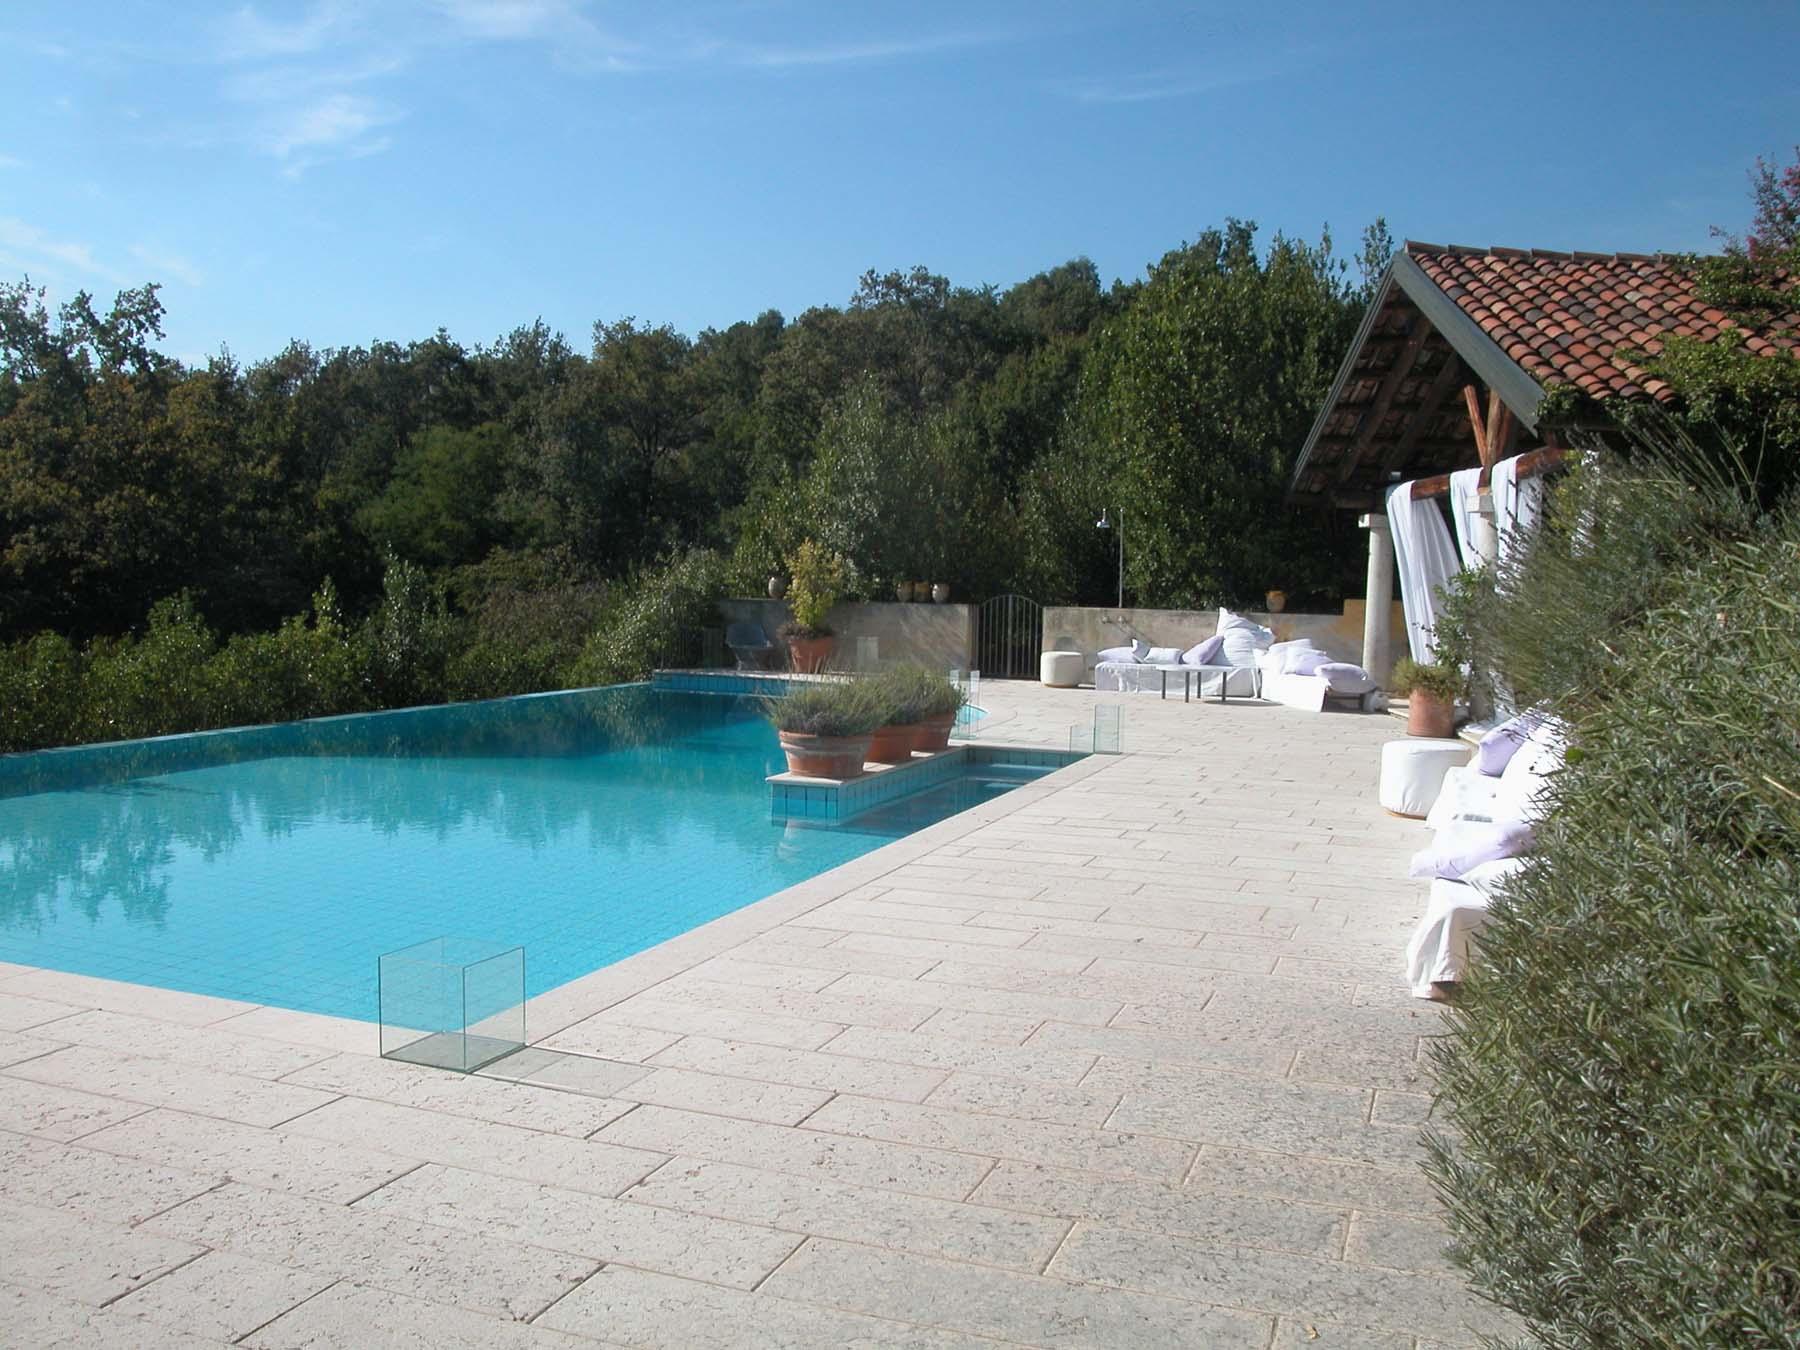 villa avogadro piscina.jpg